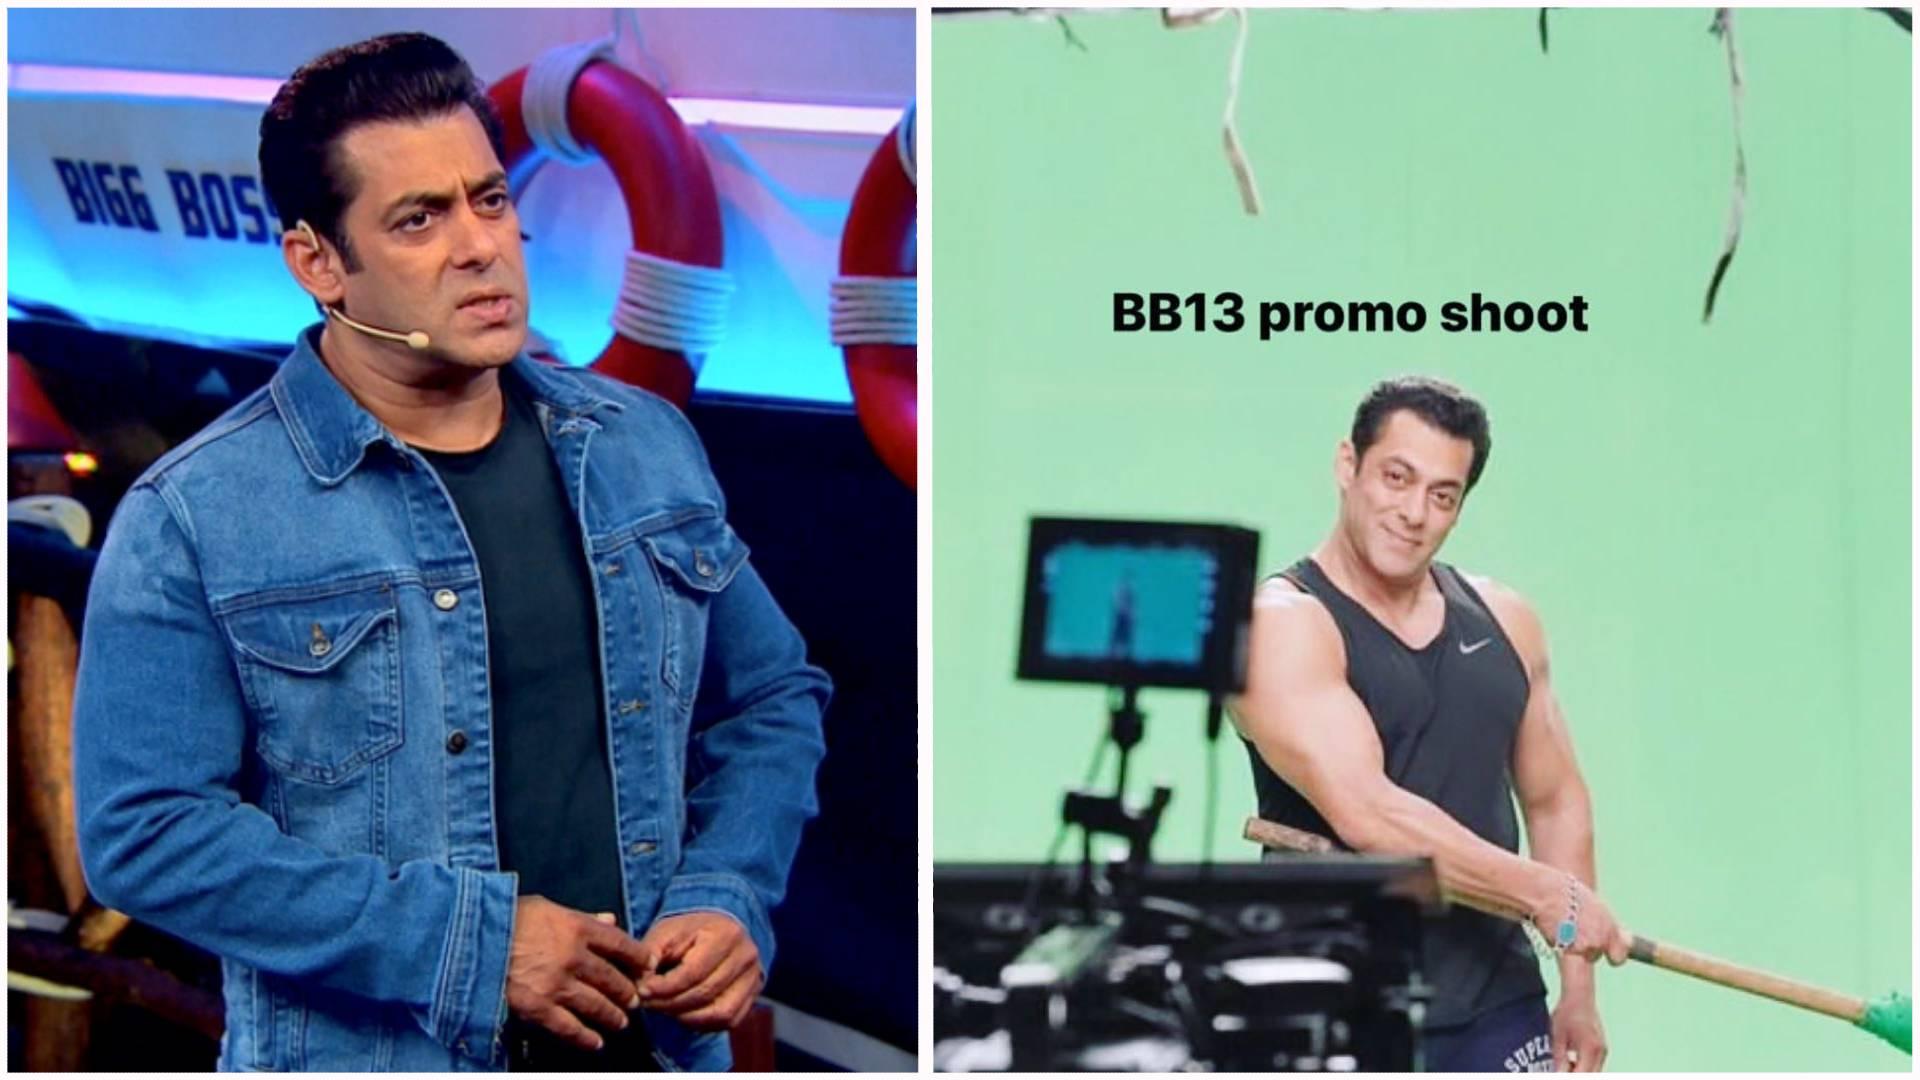 Bigg Boss 13: सलमान खान ने शुरू की शो की तैयारी, इंस्टाग्राम स्टोरी पर फैंस से शेयर किया फर्स्ट लुक